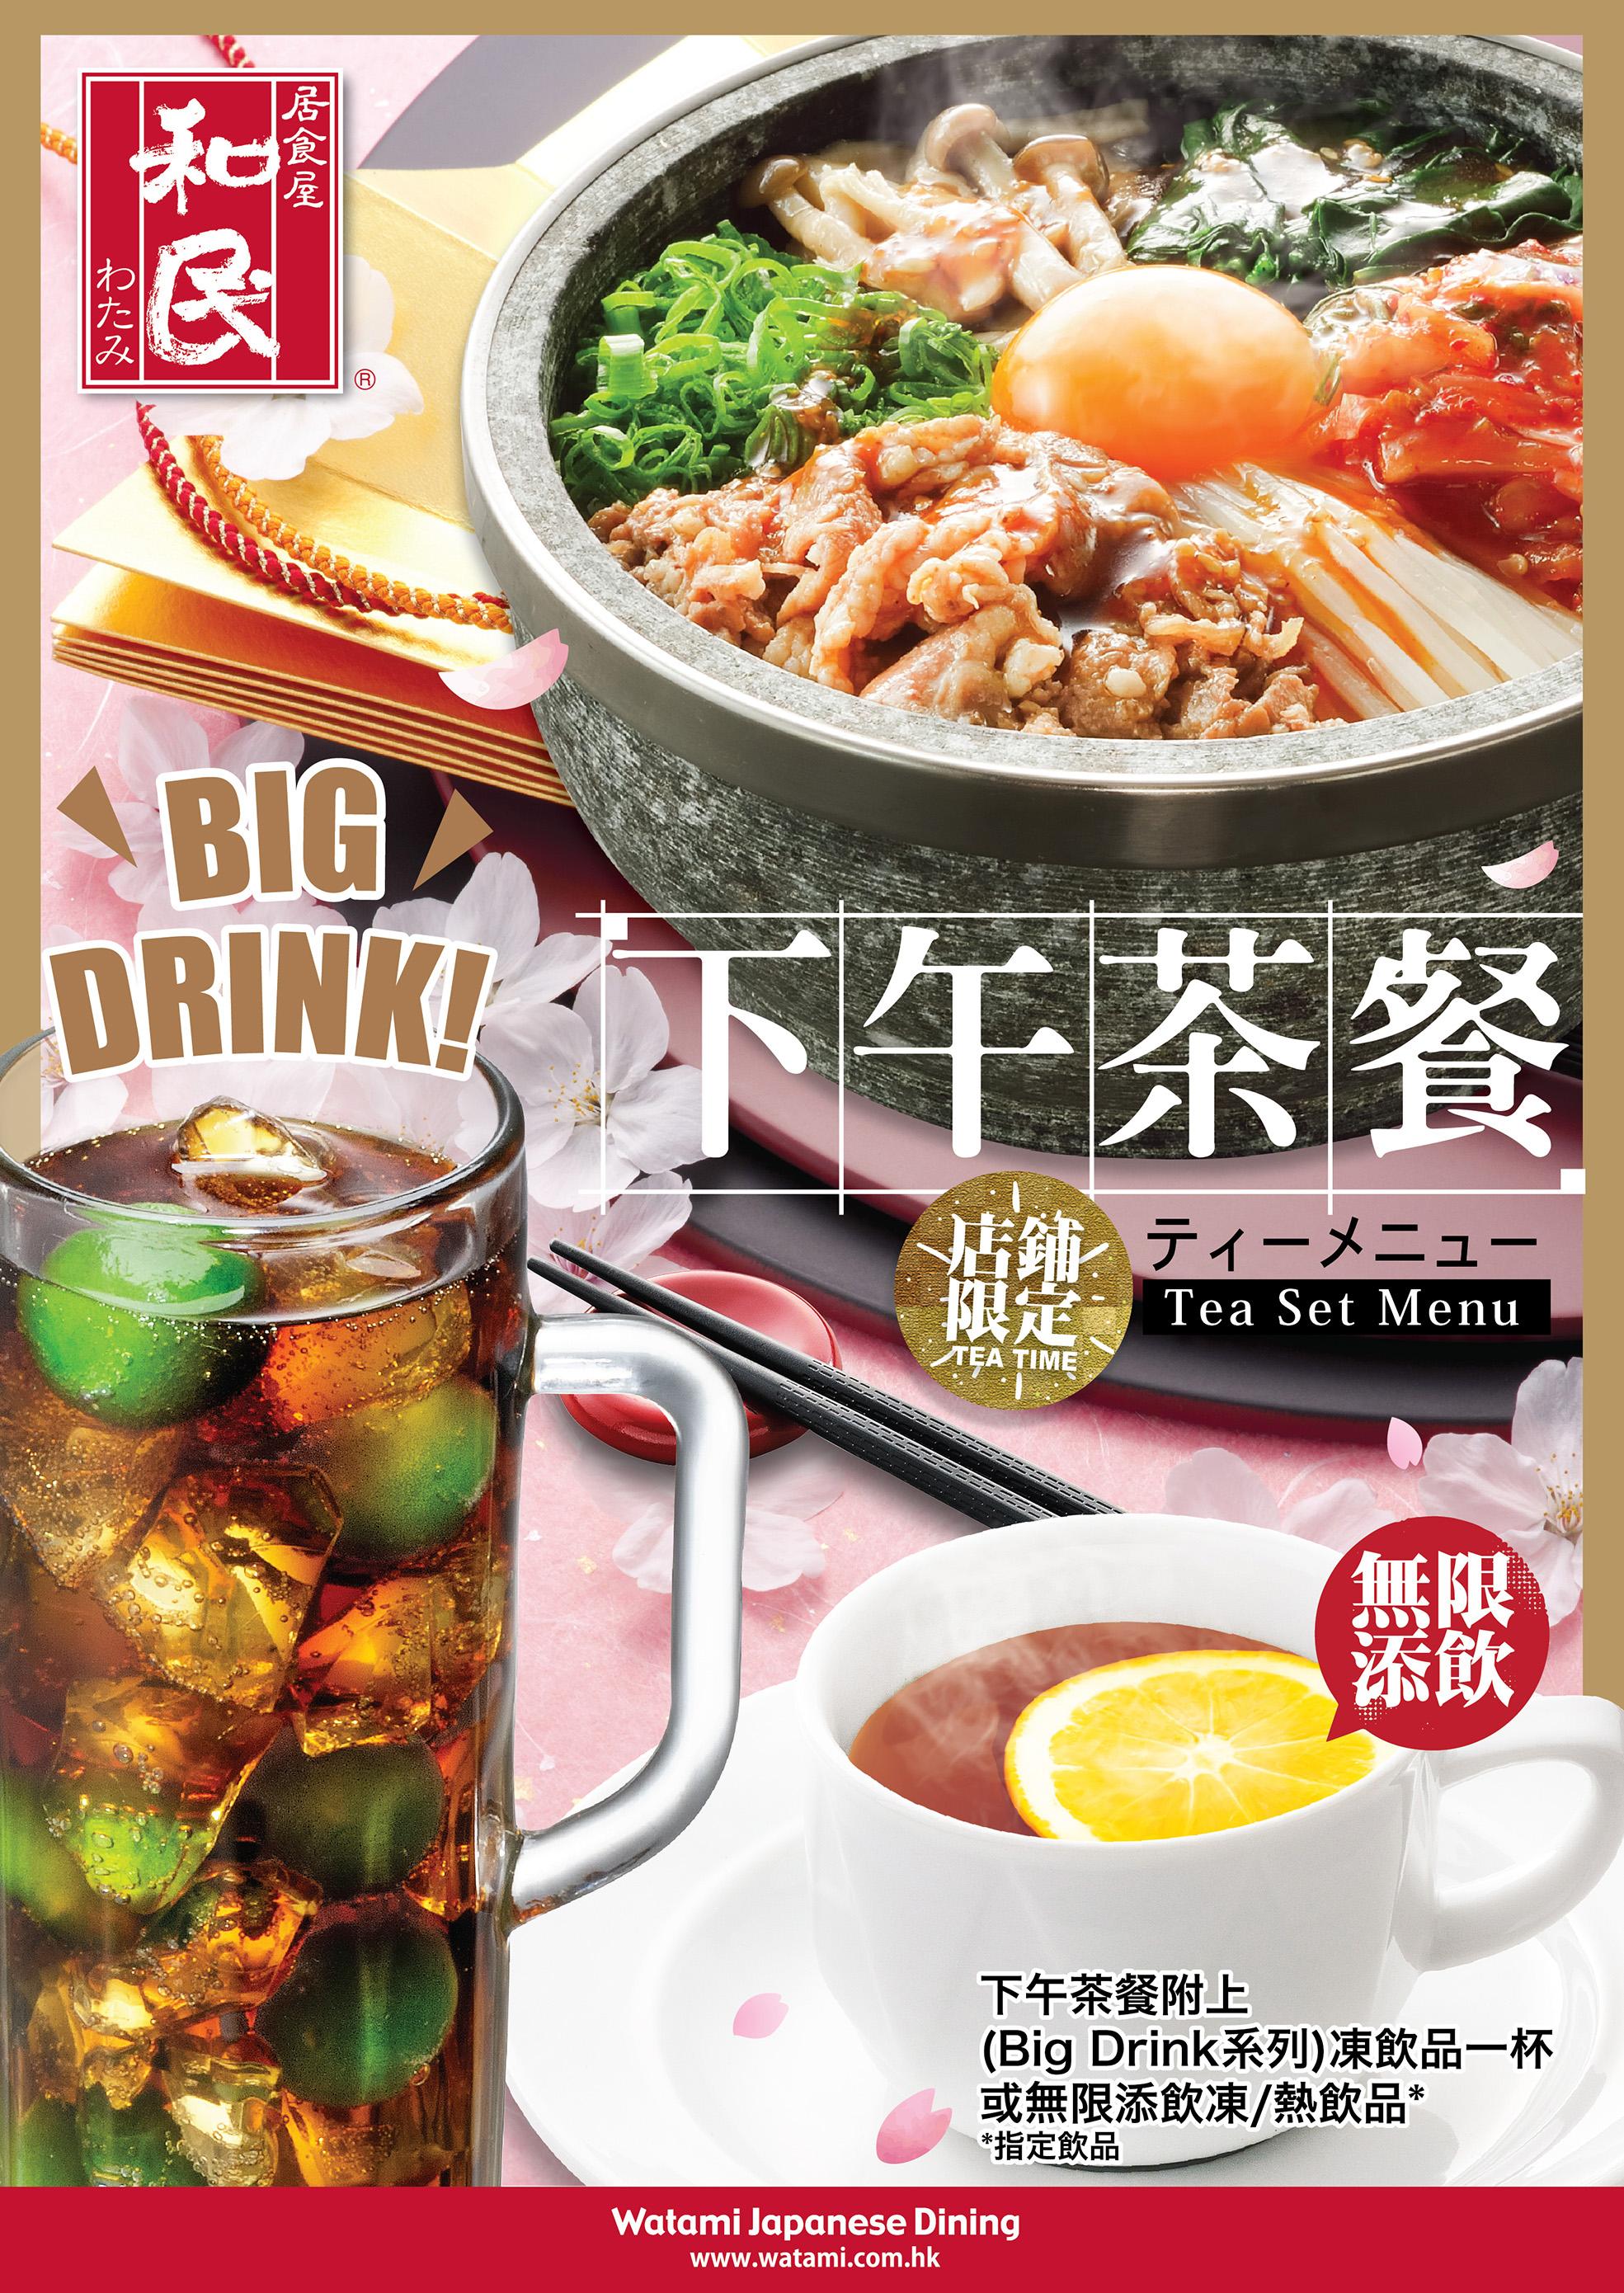 PM_Watami Tea Menu_#38B7E7E.jpg